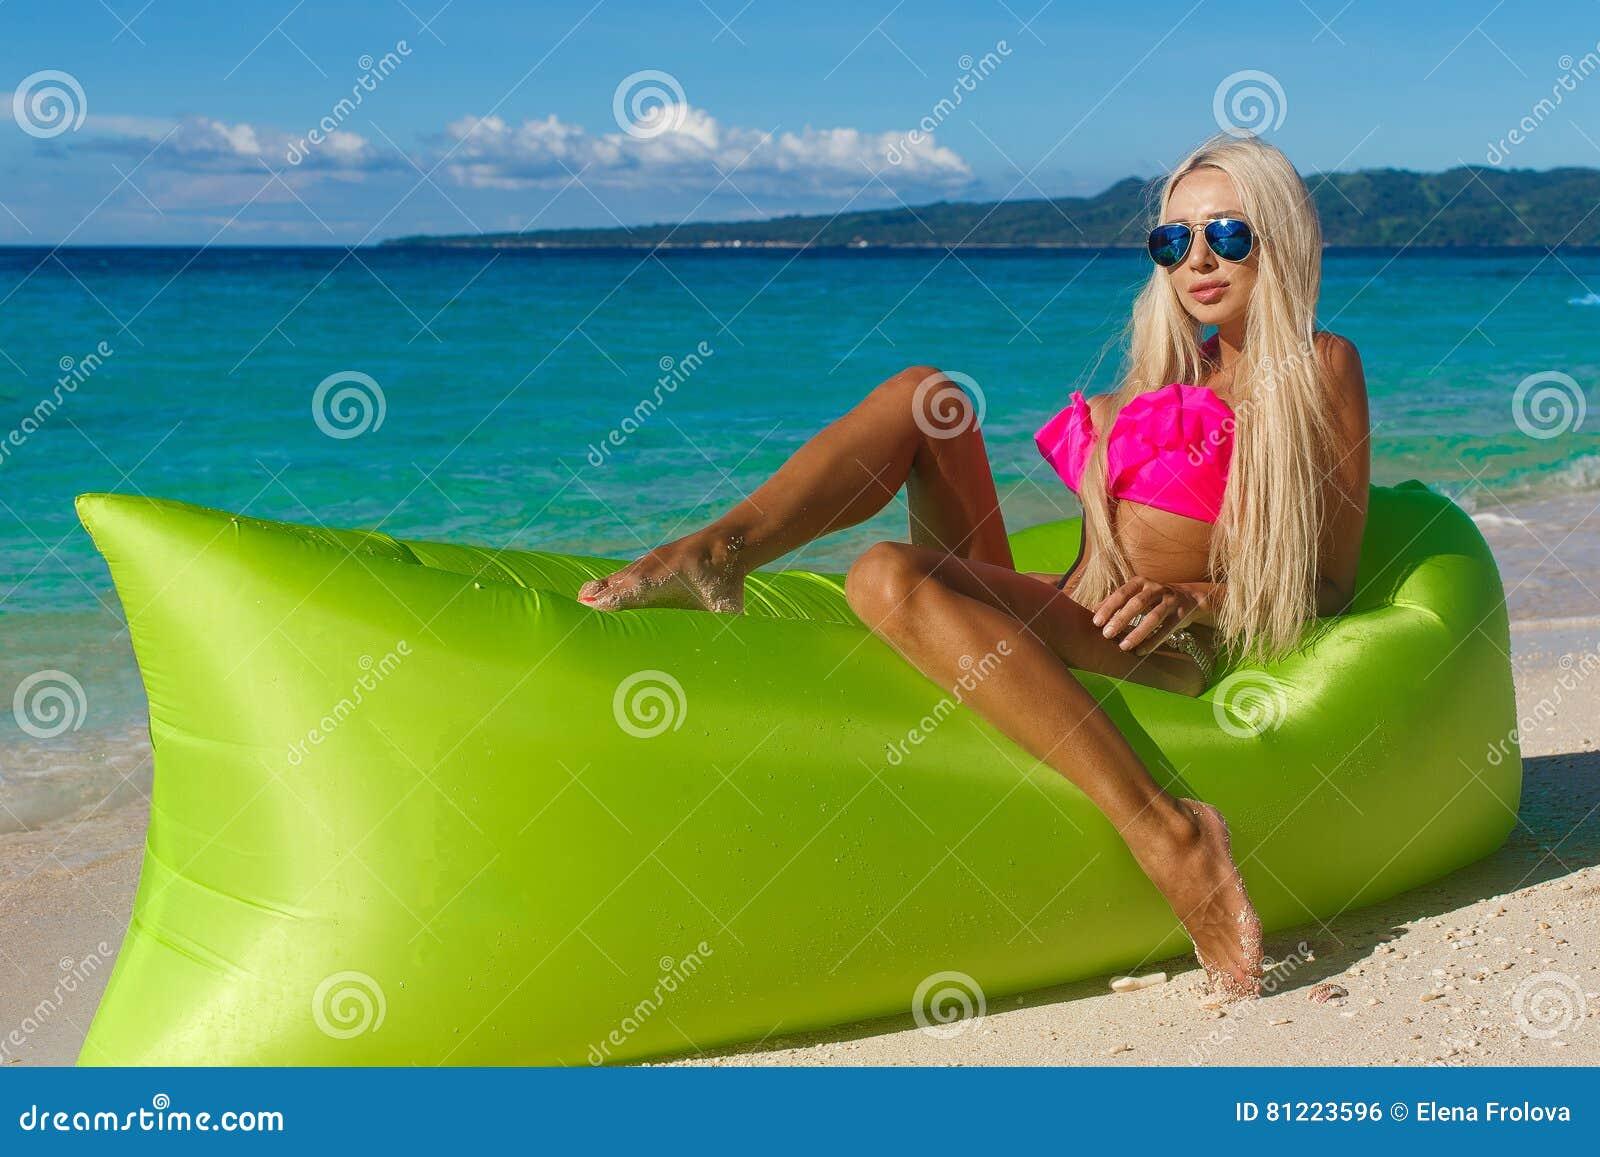 Leidenschaft Mit Einer Sexy Blondine